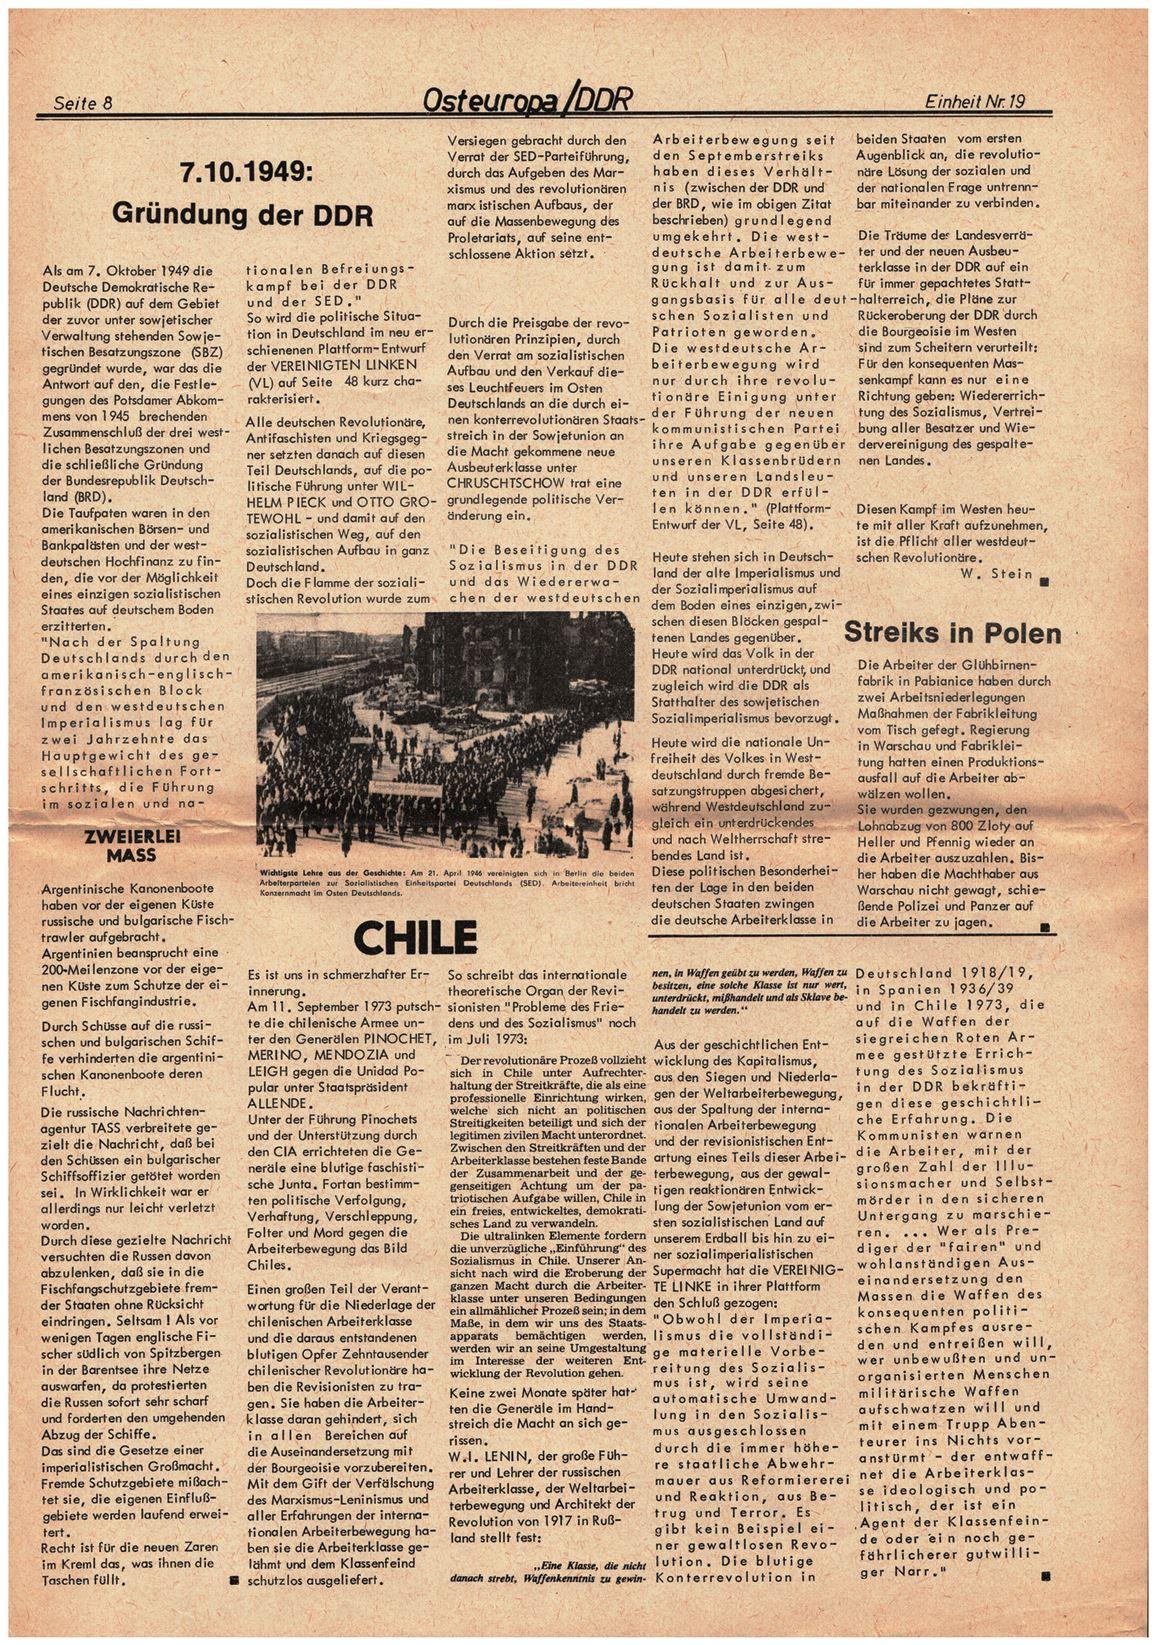 Koeln_IPdA_Einheit_1977_019_008